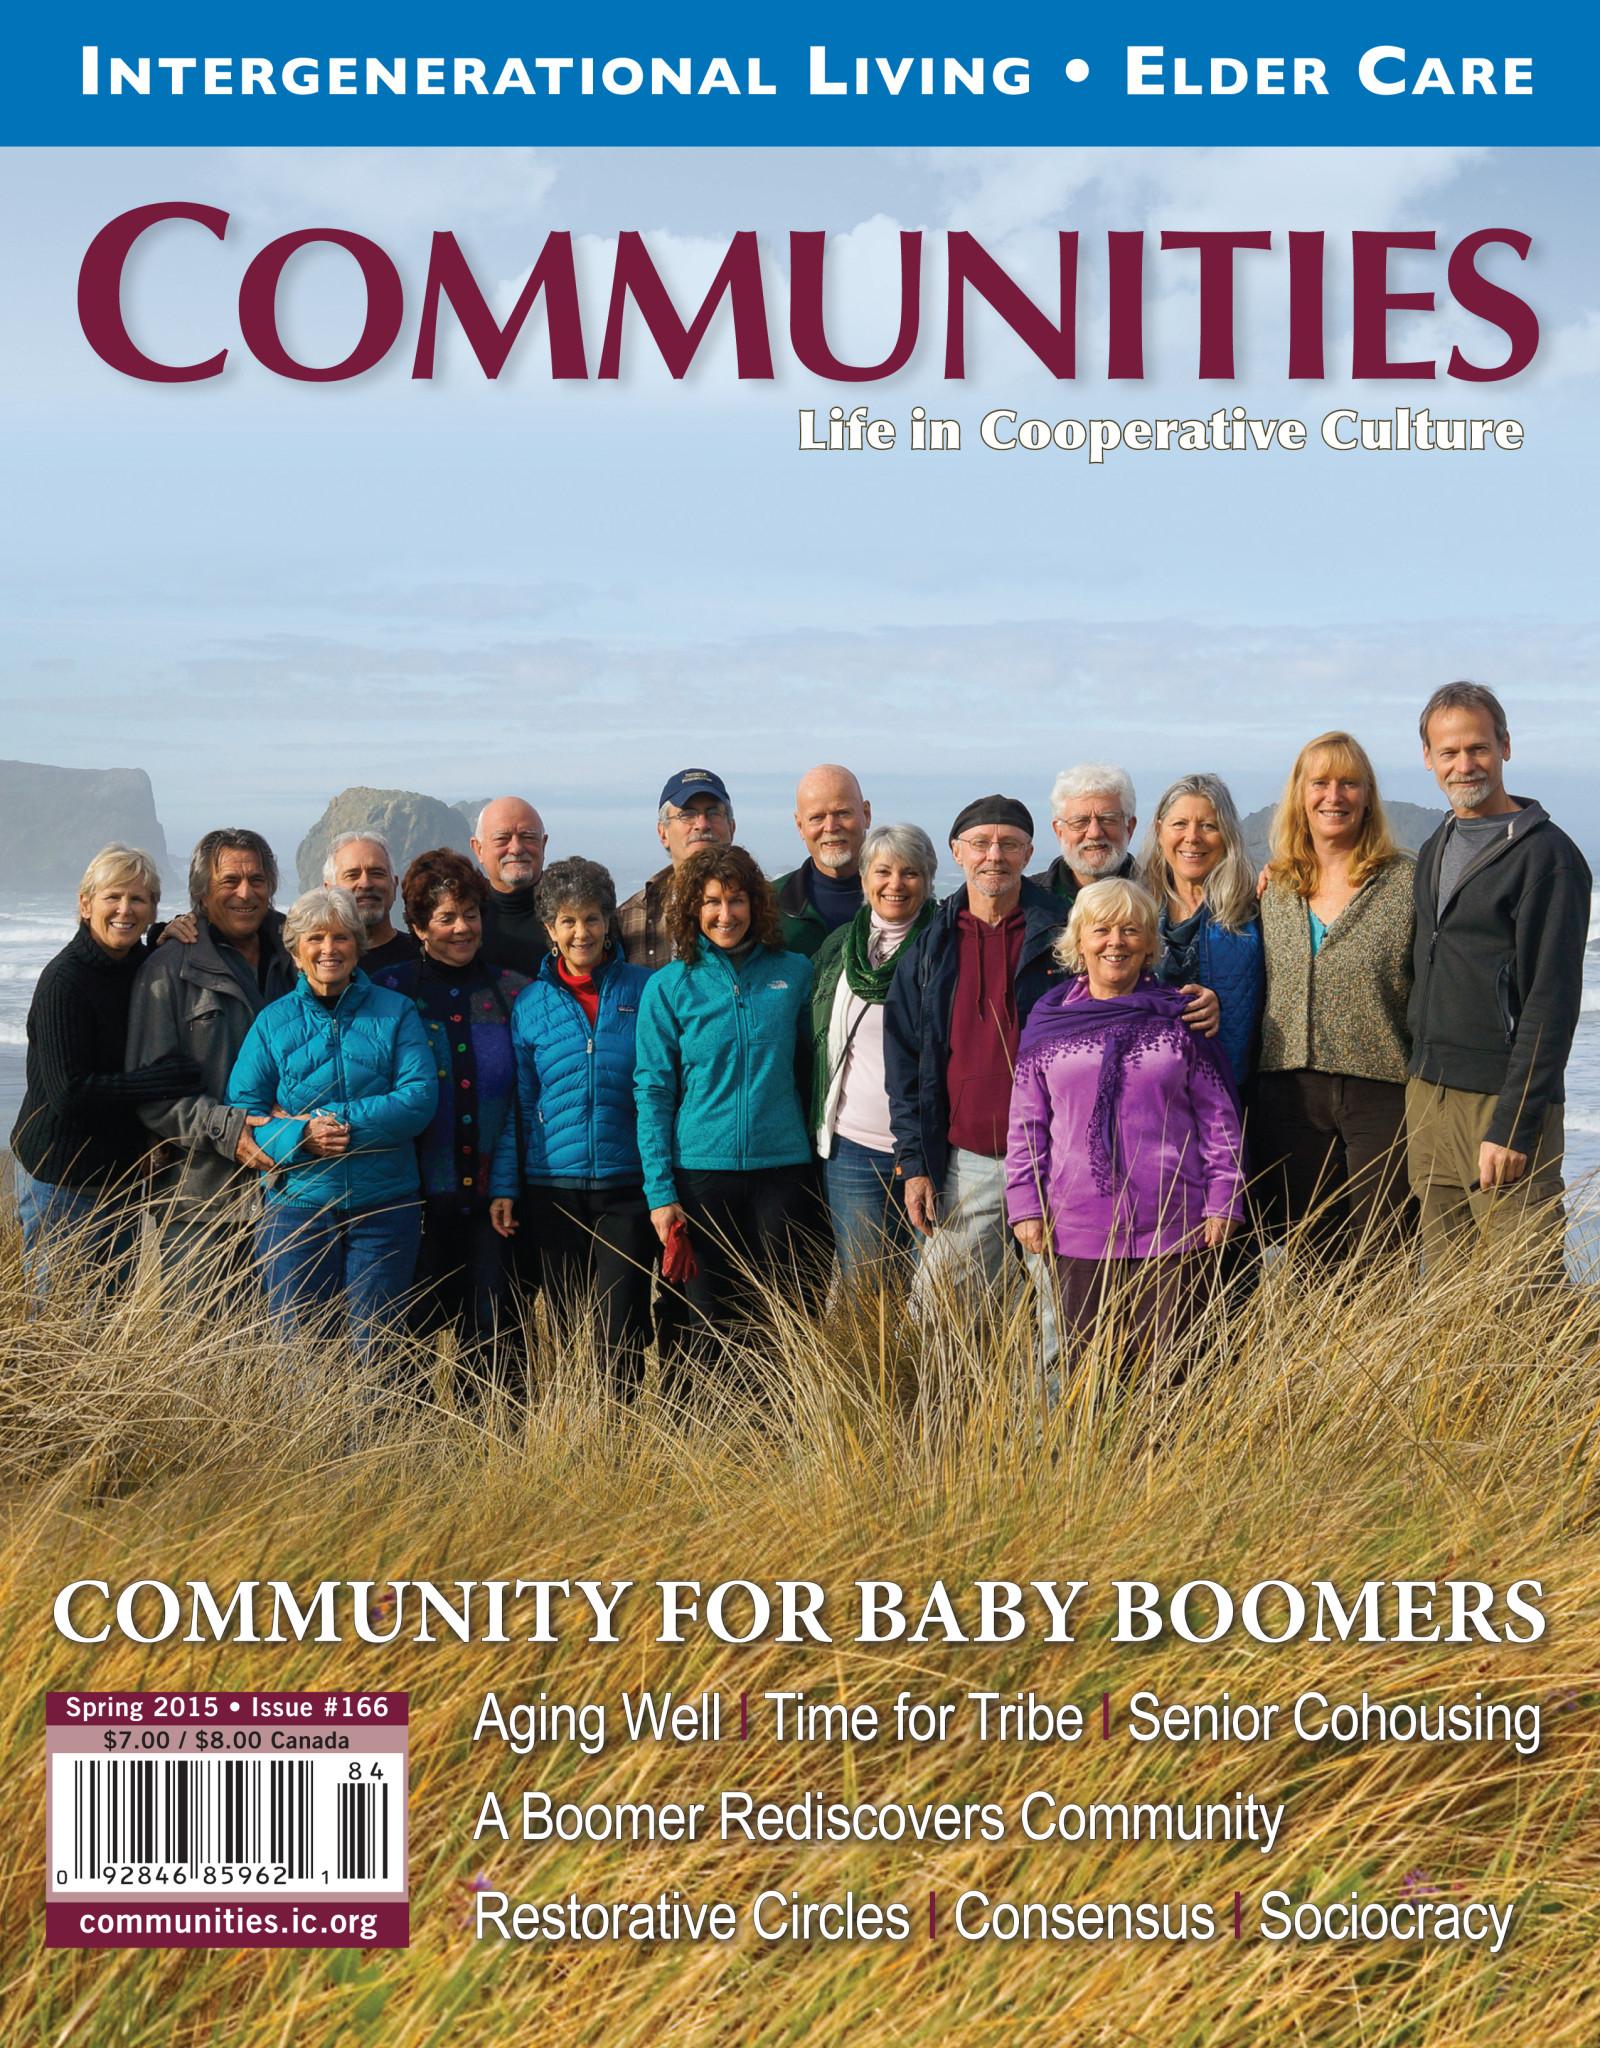 Communities magazine #166